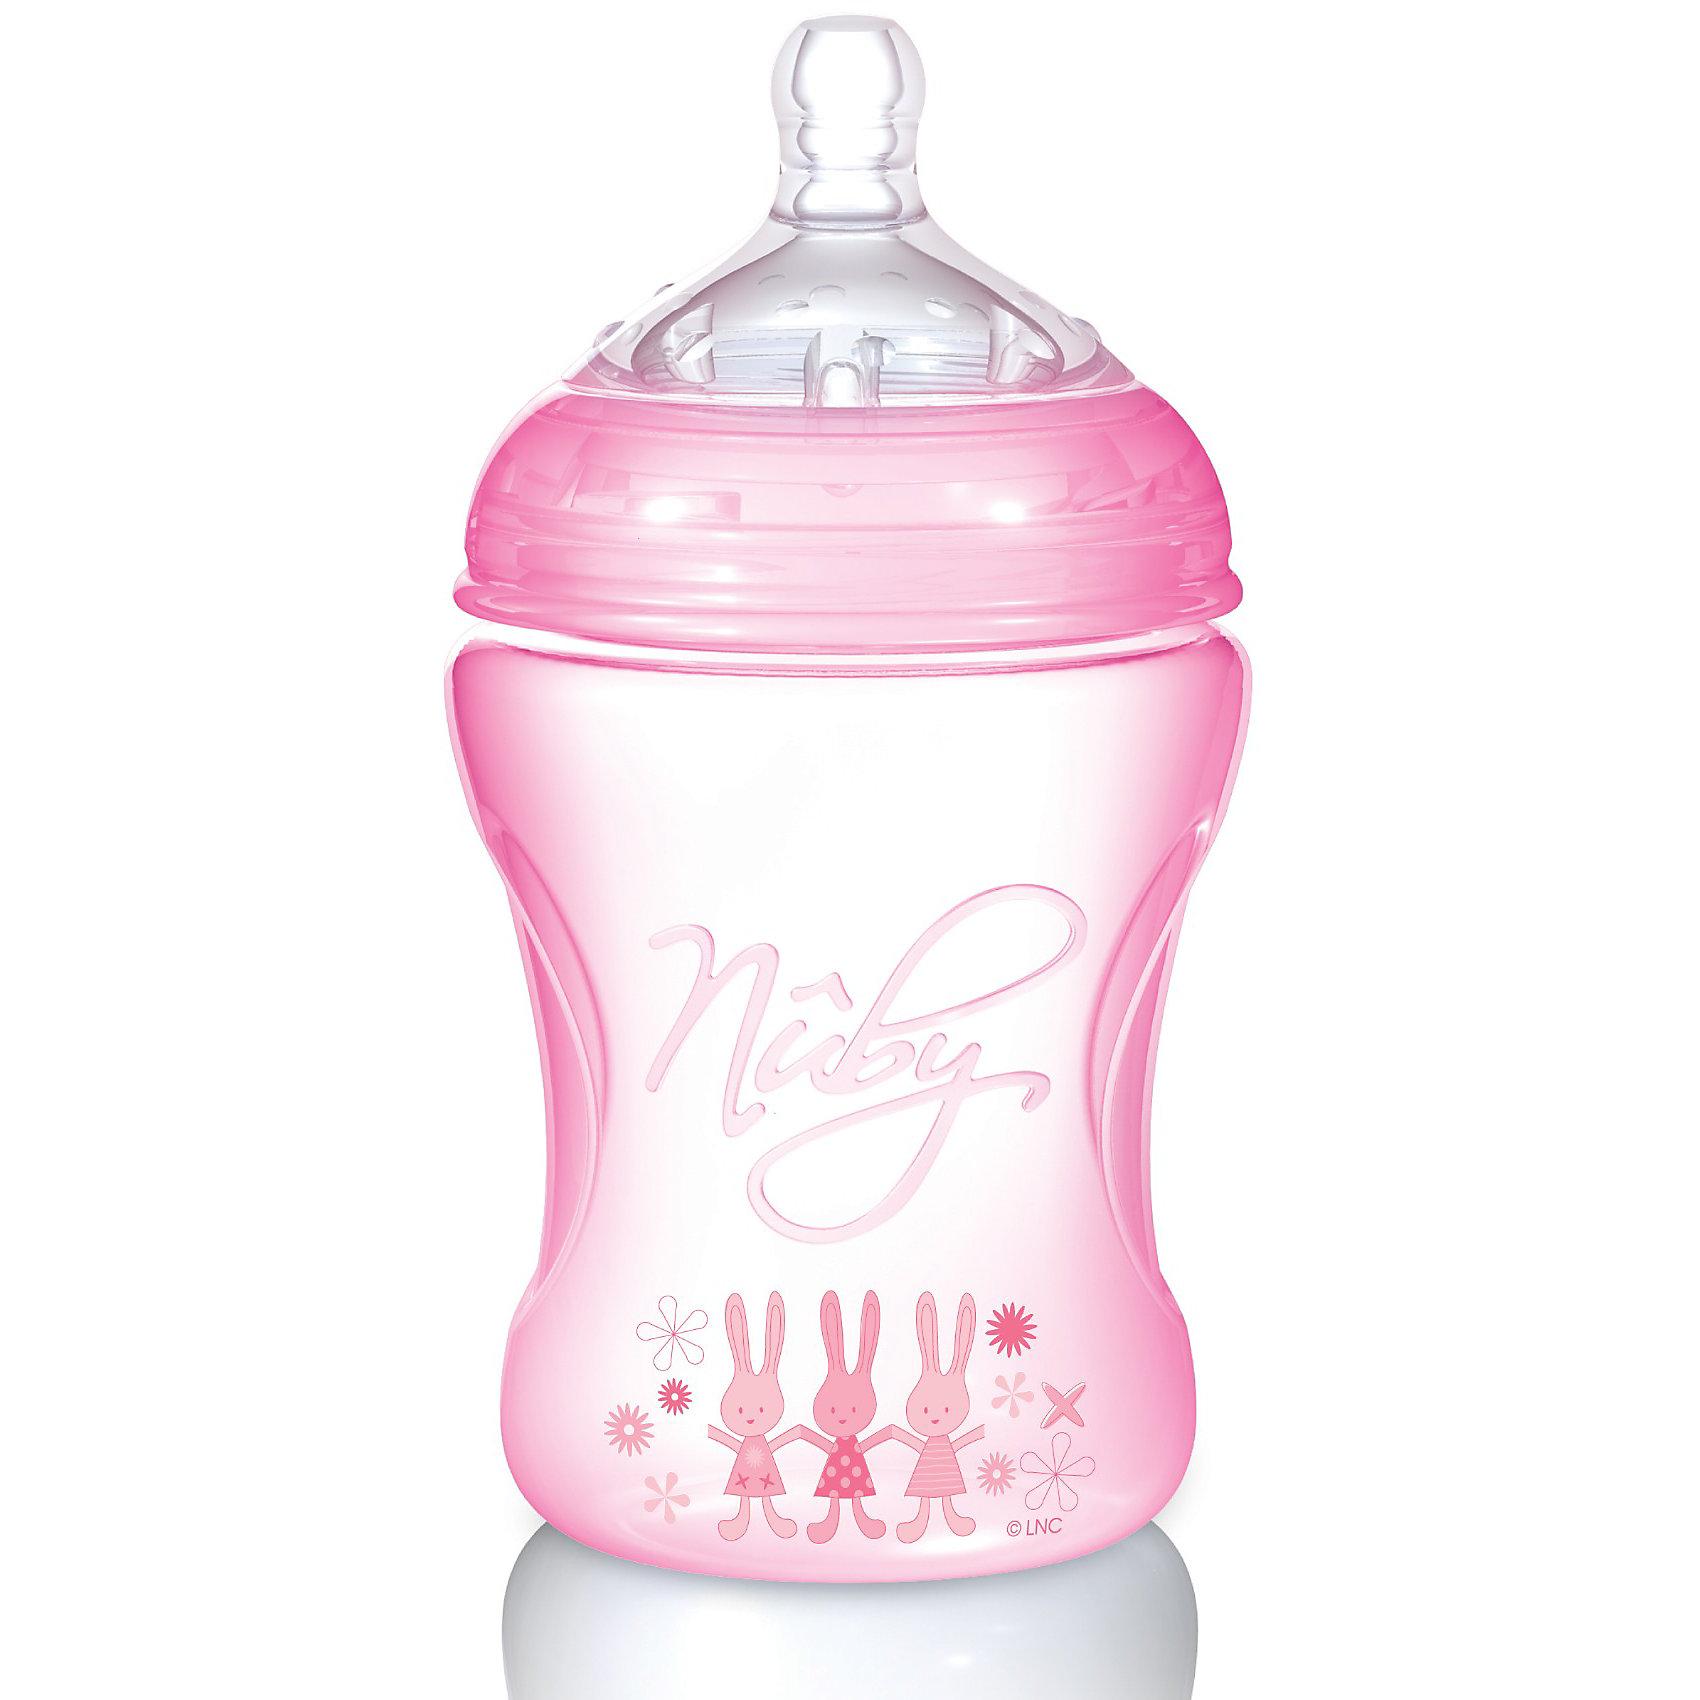 Полипропиленовая бутылочка с принтами Nuby, 240 мл., розовыйПропиленовая  бутылочка Nuby (Нуби) эргономичной формы с забавными принтами для кормления малышей с 3 месяцев обязательно придется по душе Вашему крохе и поможет маме сделать кормление увлекательным и приятным занятием. Специальная форма соски  Natural Touch  с расширенным основанием  повторяет внешнее, анатомическое строение ареолы соска груди матери. Благодаря этому можно совмещать грудное и искусственное вскармливание. Форма соски помогает формированию правильного прикуса. Воздушные клапаны соски предотвращают заглатывание воздуха и препятствуют возникновению младенческих колик. Бутылочка с принтами Nuby (Нуби) - кормление в удовольствие!<br><br>Дополнительная информация:<br><br>-В комплекте 1 силиконовая бутылочка, 1 соска со средним потоком;<br>- Полипропиленовая  бутылочка оригинальной  формы - удобно держать в руке;<br>- Специальный клапан бутылочки уравнивает давление, позволяя питанию поступать без пузырьков;<br>- Дополнительные плотные воздушные клапаны на дне бутылочки, медленно пропускают воздух для снятия вакуума;<br>- Знакомые форма и размер обеспечивают легкое принятие соски;<br>- Соска является абсолютно безопасной: не содержит bisphenol-A (бисфенол - А);<br>- Соска изготовлена из уникального сверхмягкого медицинского силикона, используемого в косметической медицине;<br>- Объем бутылочки: 240 мл;<br>- Возраст: от 3 мес;<br>- Бутылочка украшена забавным принтом;<br>- Цвет: розовый;<br>- Размер упаковки: 17,5 х 8 х 8 см;<br>- Вес: 109 г<br><br>Полипропиленовую бутылочку с принтами Nuby (Нуби), 240 мл., розовую можно купить в нашем интернет-магазине.<br><br>Ширина мм: 159<br>Глубина мм: 93<br>Высота мм: 86<br>Вес г: 109<br>Цвет: розовый<br>Возраст от месяцев: 3<br>Возраст до месяцев: 18<br>Пол: Женский<br>Возраст: Детский<br>SKU: 1860003